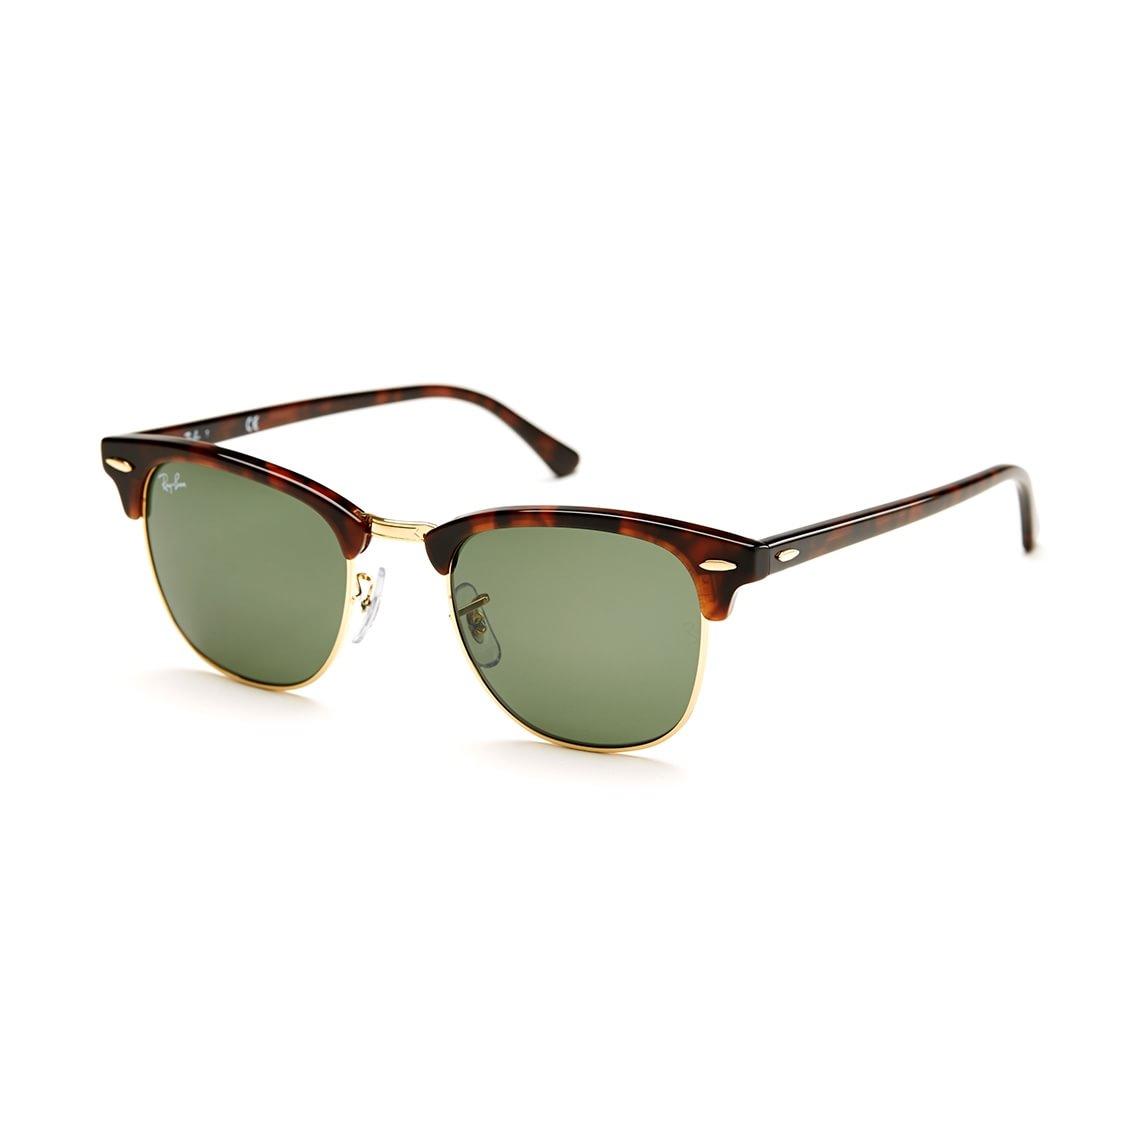 billede ray ban clubmaster solbriller